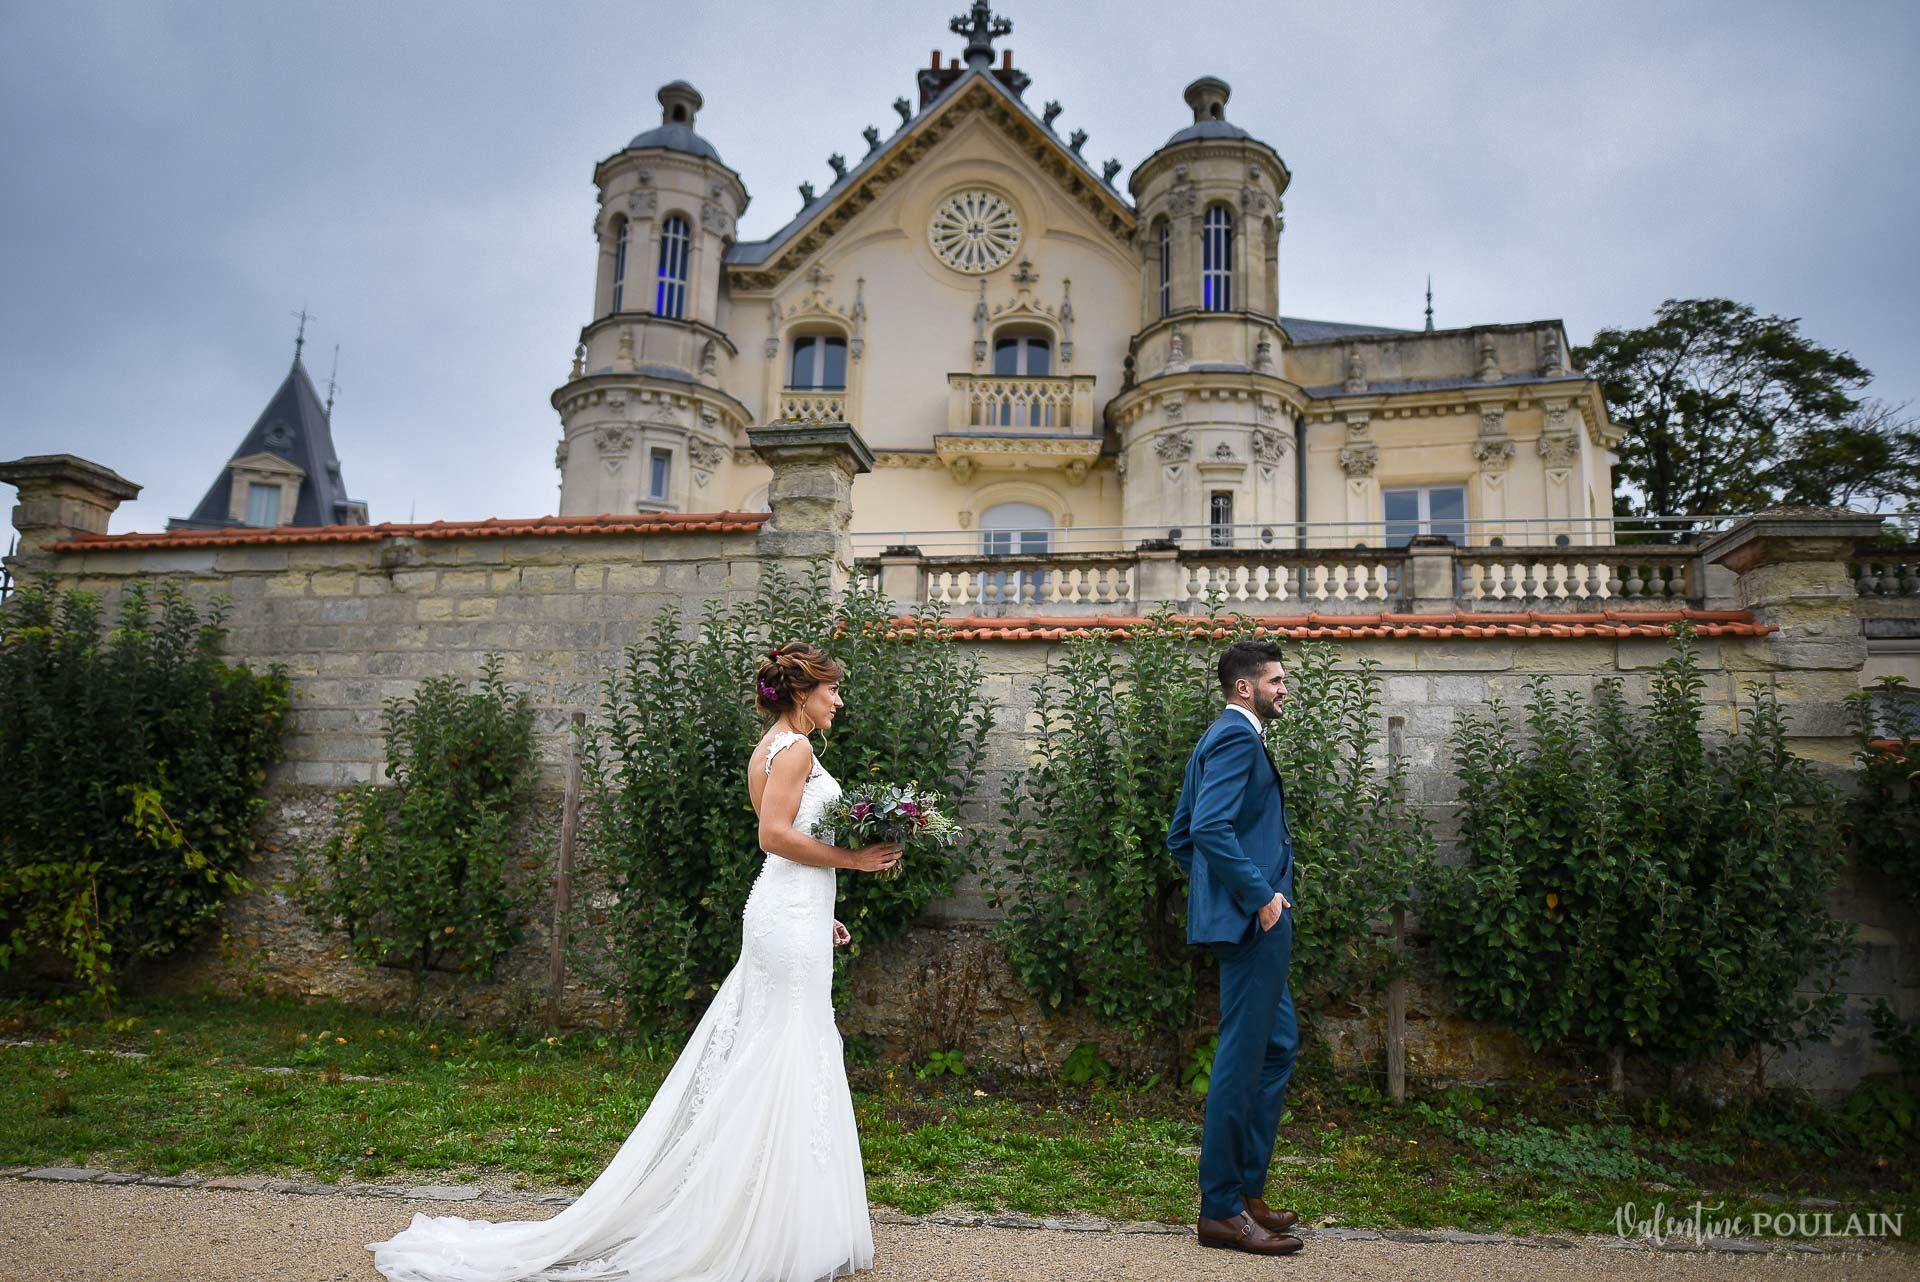 Mariage lieu insolite Paris -Valentine Poulain Domaine de Brunel Château du Prieuré découverte